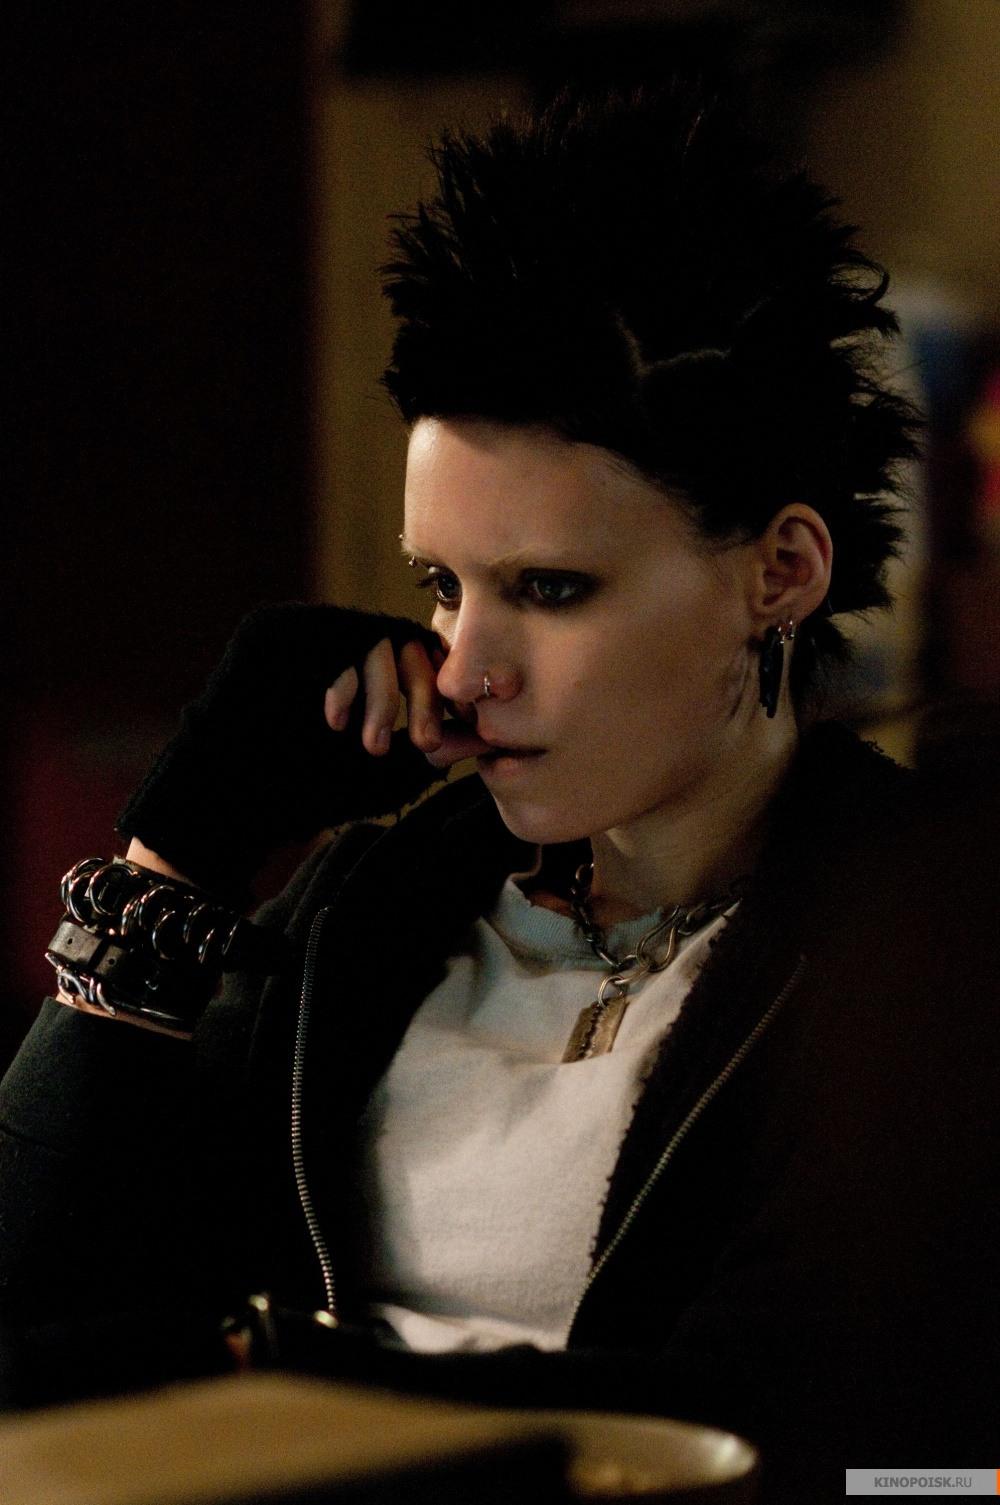 Девушка с татуировкой 2011 музыка